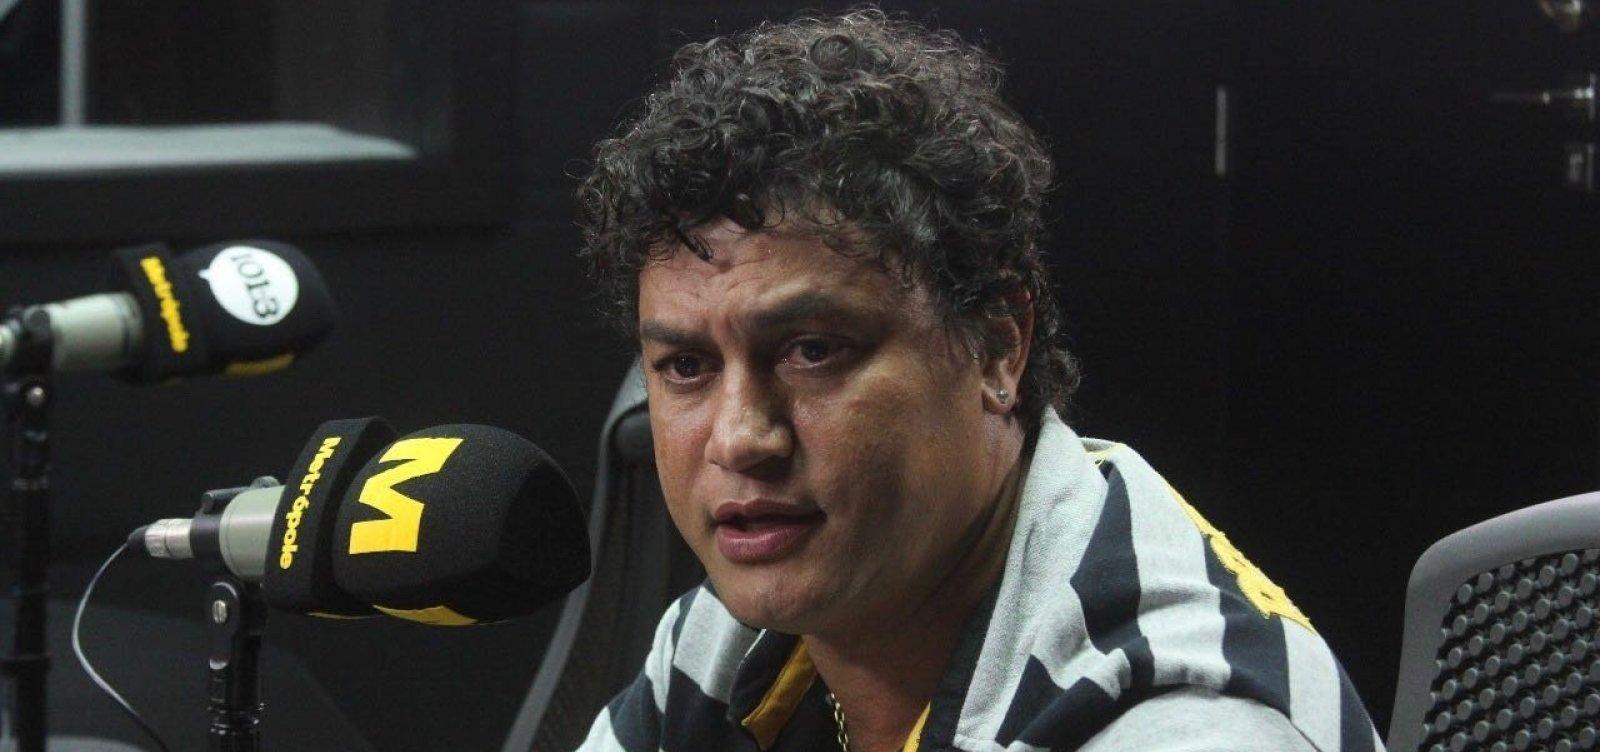 Popó abandona vida política e critica Félix Mendonça: 'Odeio gente mentirosa'